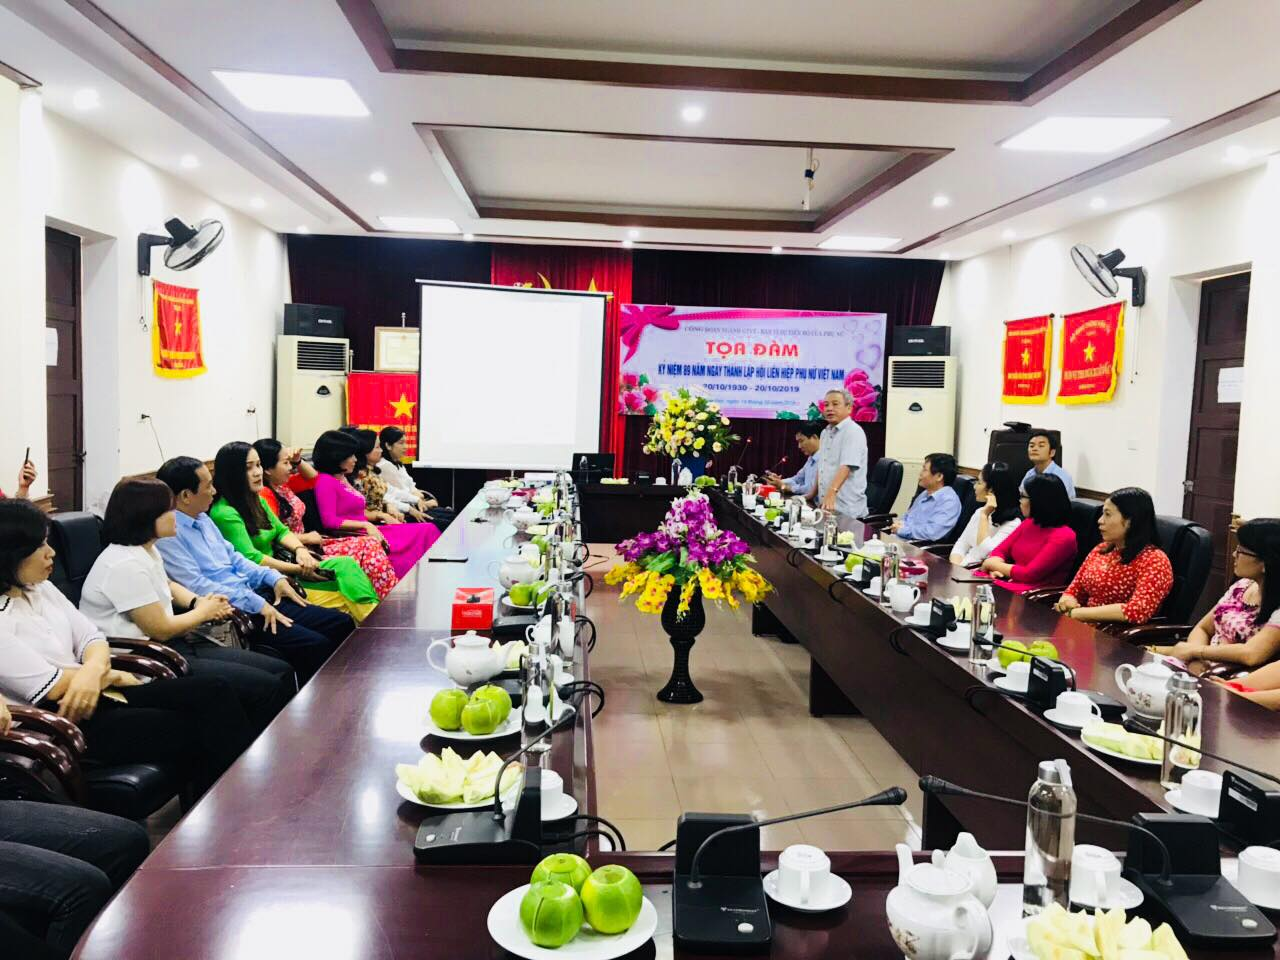 """Tọa đàm chuyên đề """"Phụ nữ tổ chức cuộc sống gia đình"""" nhân kỷ niệm 89 năm ngày thành lập Hội LHPN Việt Nam (20/10/1930-20/10/2019)"""